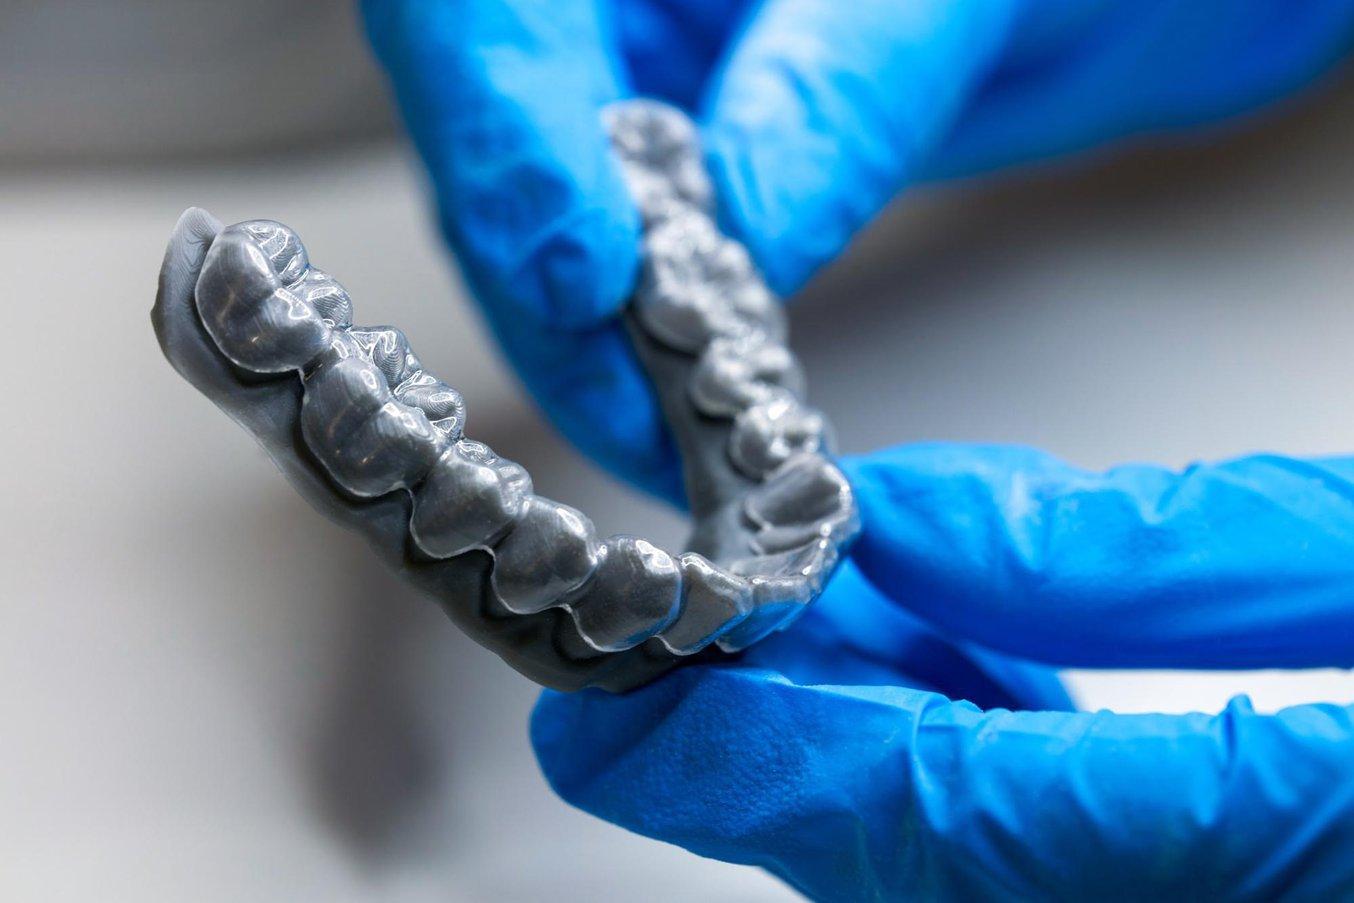 Прозрачный элайнер, термоформованный по 3D-модели, напечатанной на стоматологическом 3D-принтере Formlabs Form 3B.